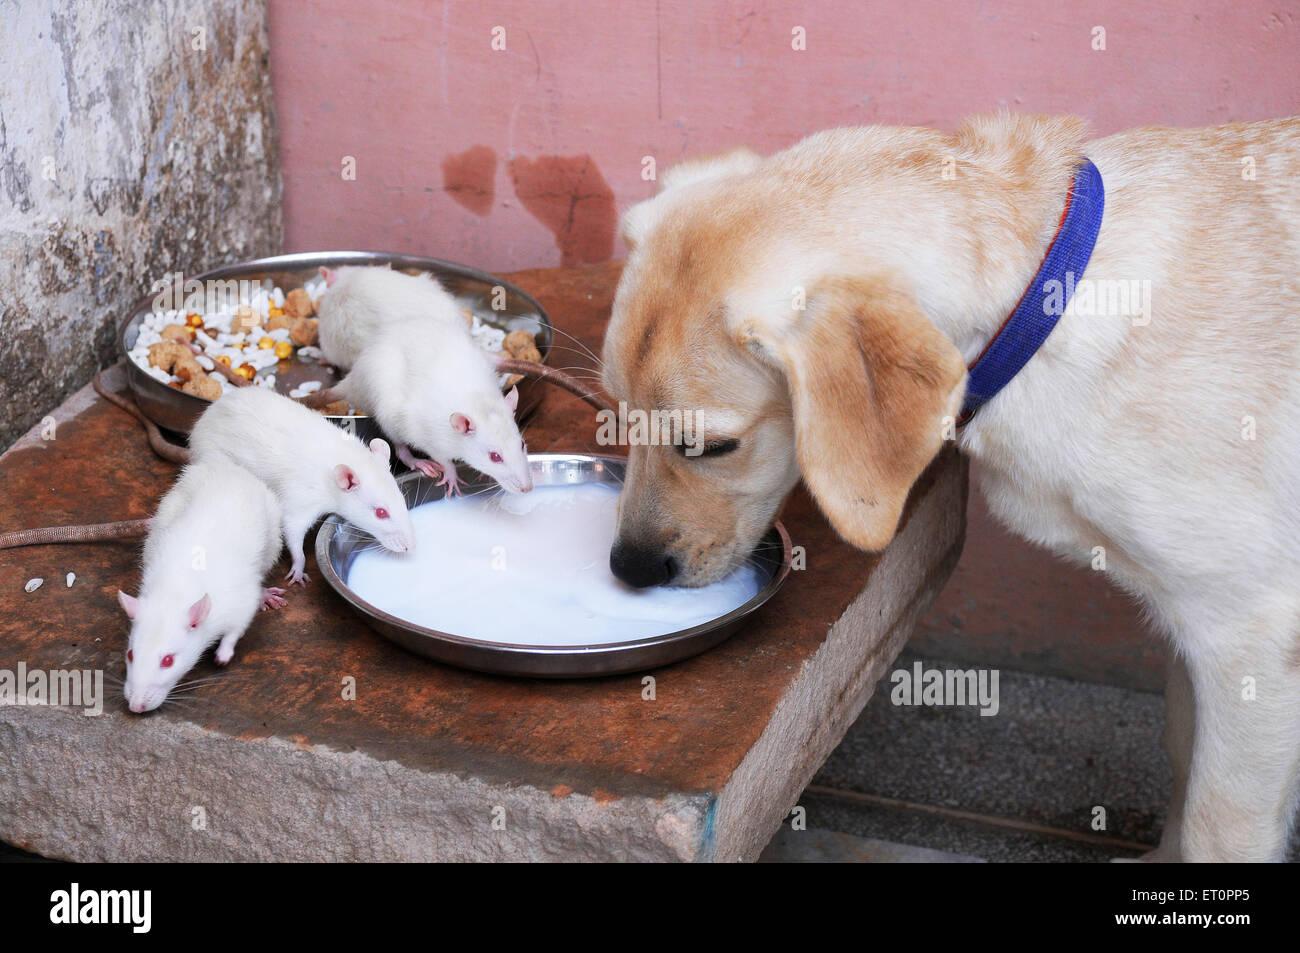 Hund und weißen Ratten trinken Milch wie Freunde, Jodhpur, Rajasthan Indien Stockbild